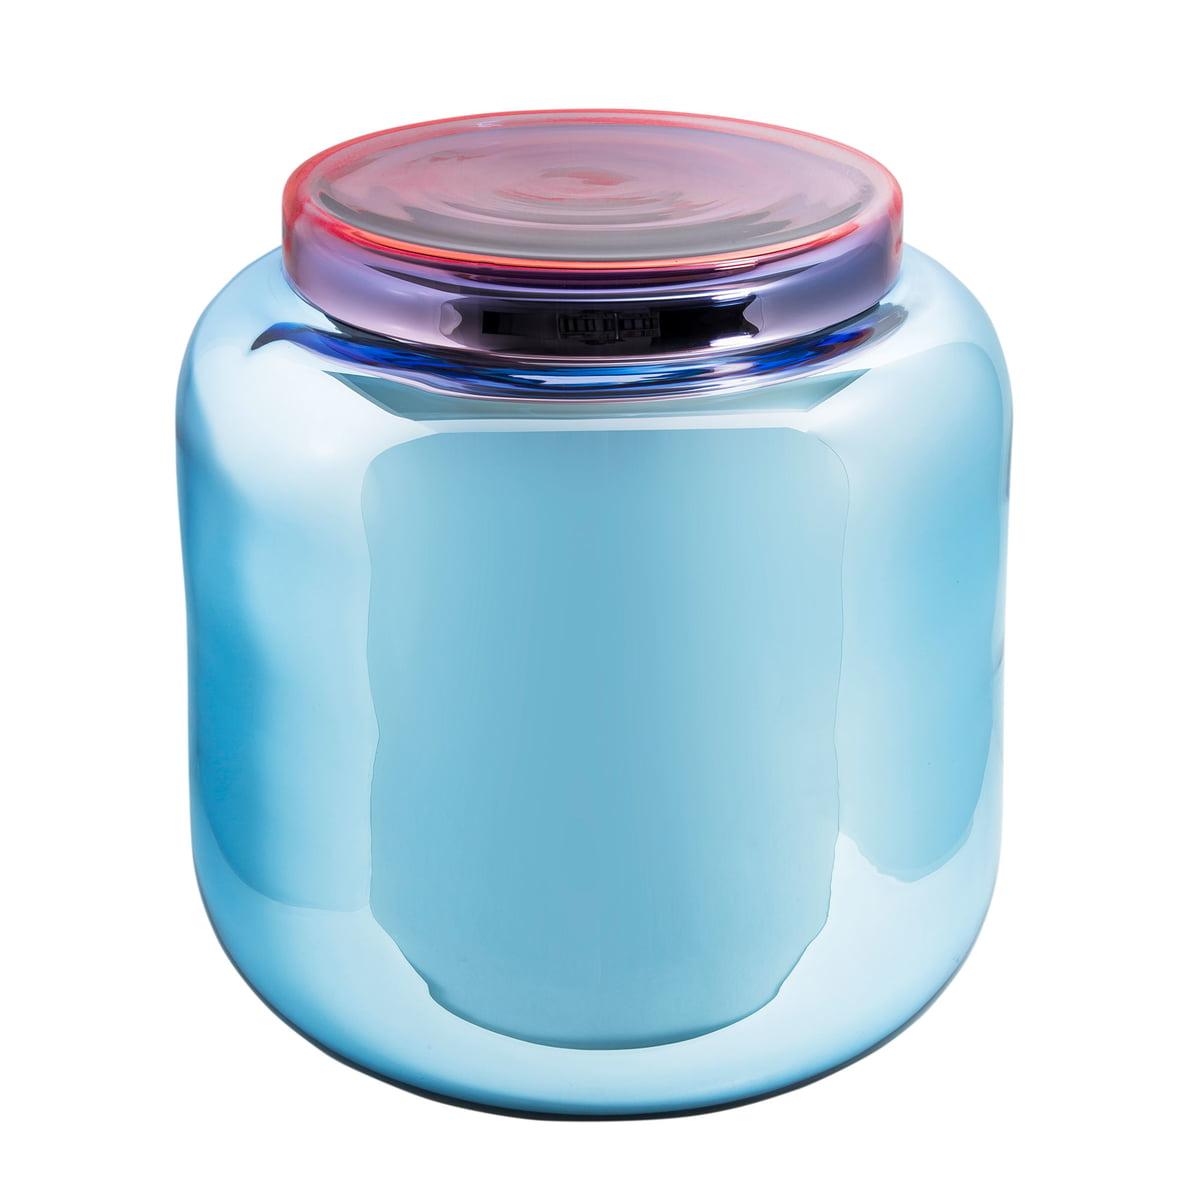 Achetez la table en verre container de pulpo dans l 39 e boutique for Container en francais